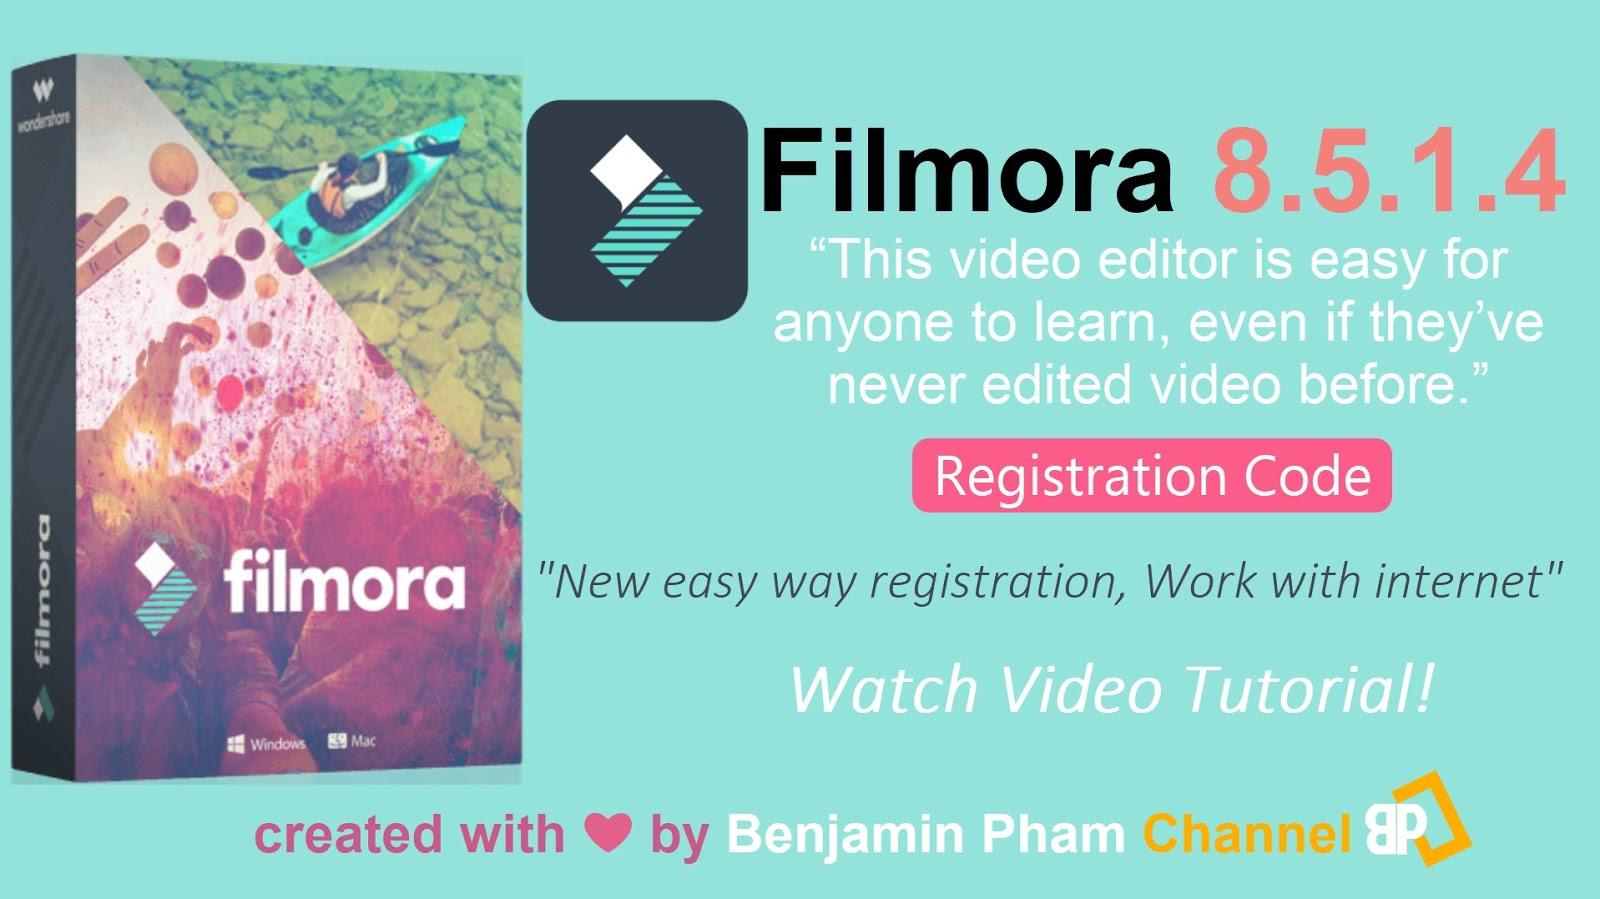 filmora registration code new